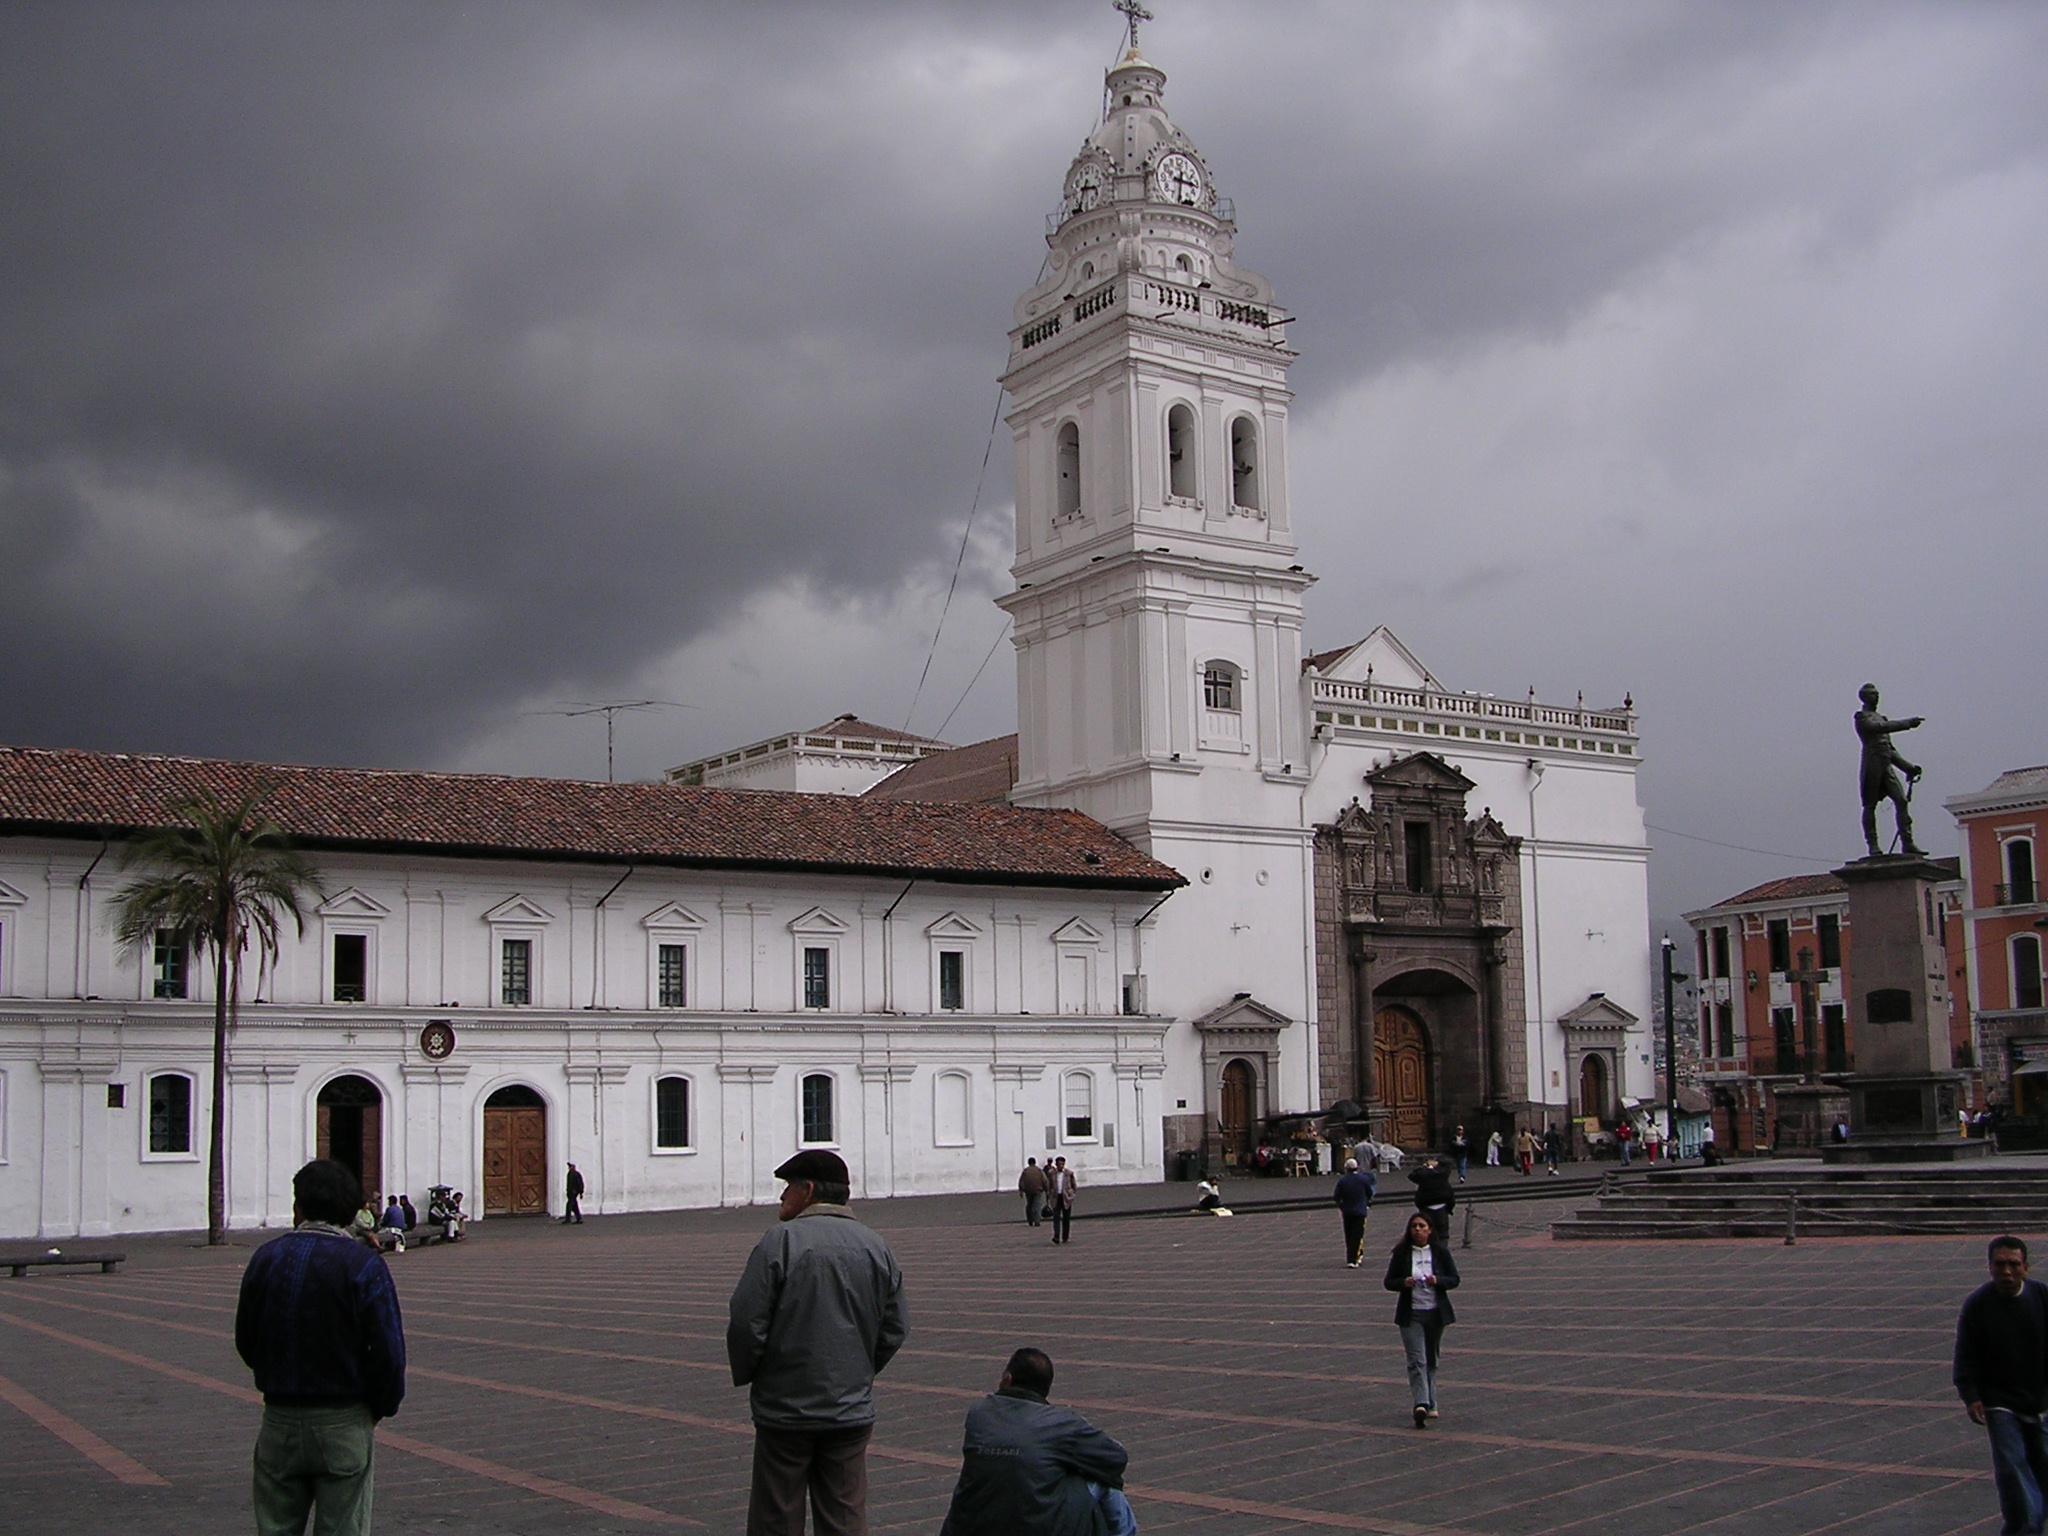 Archivo:Santo Domingo Quito.JPG - Wikipedia, la enciclopedia libre